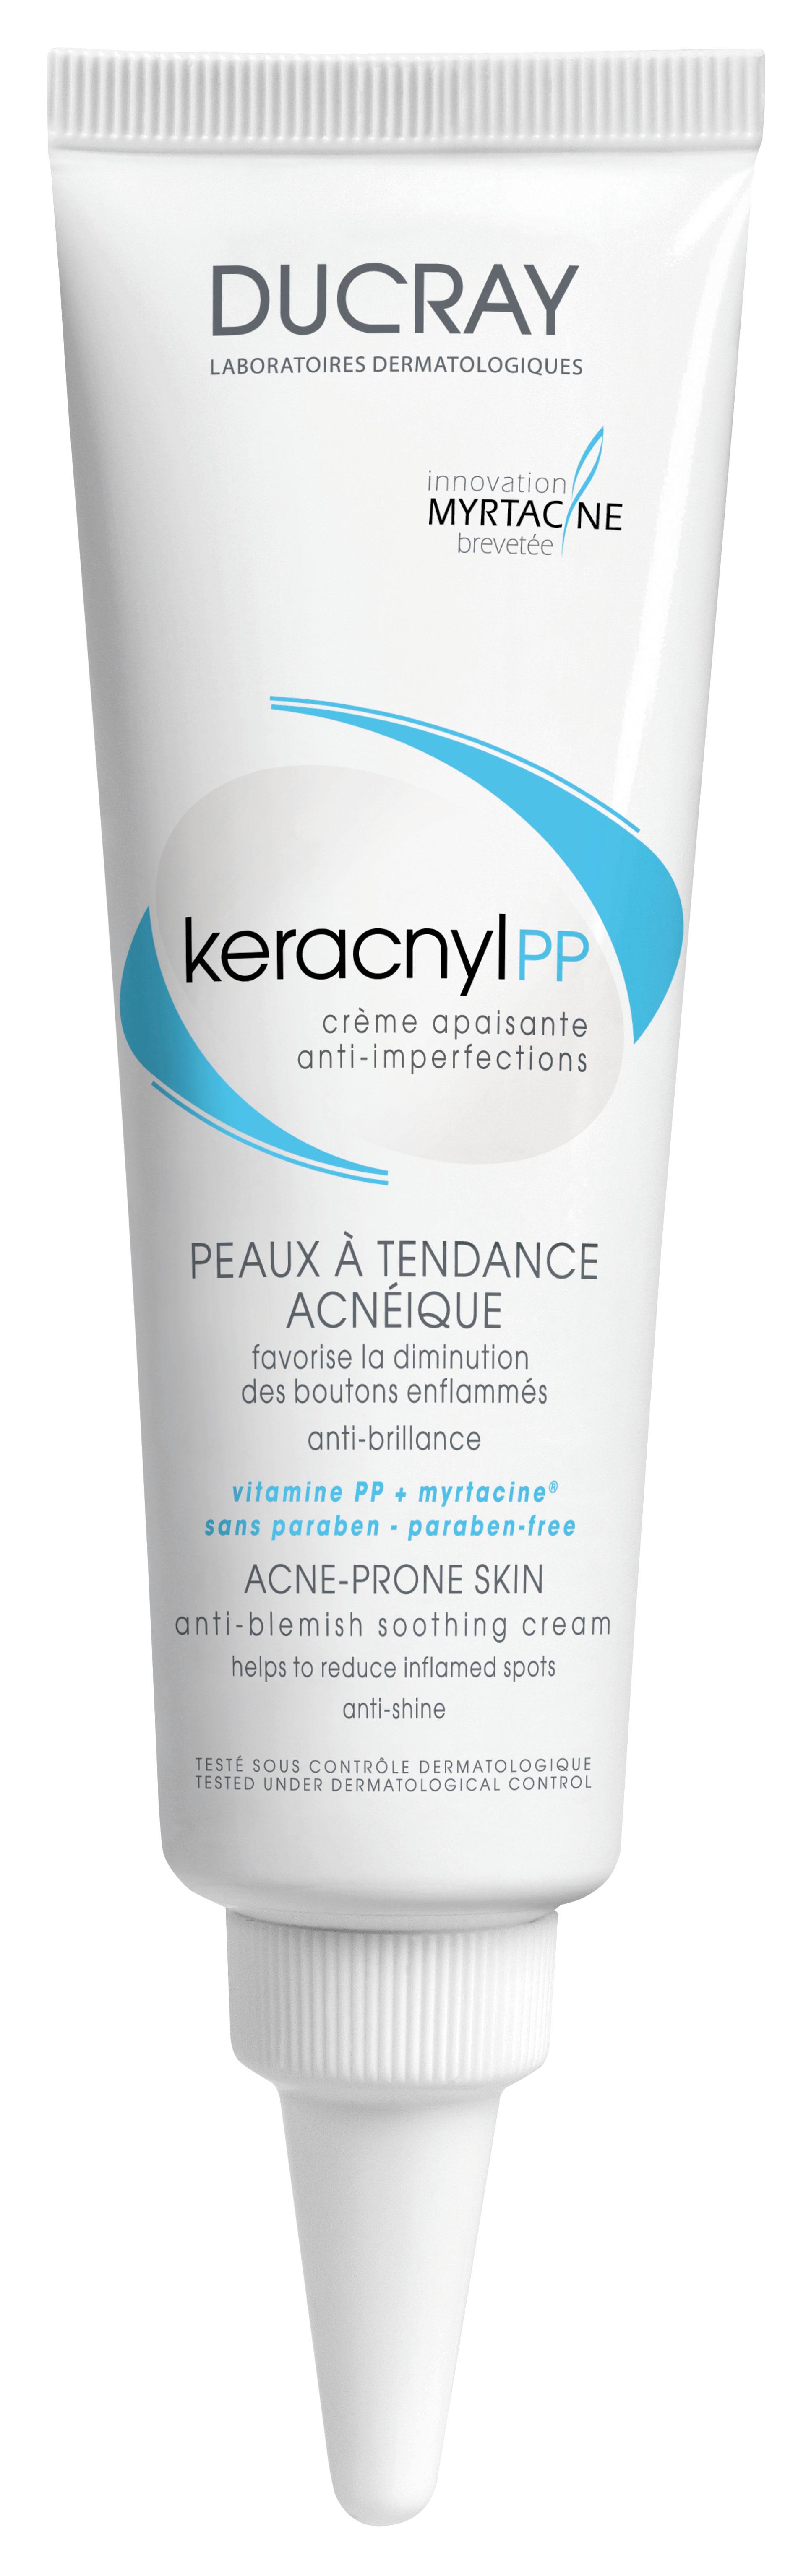 Ducray Keracnyl PP